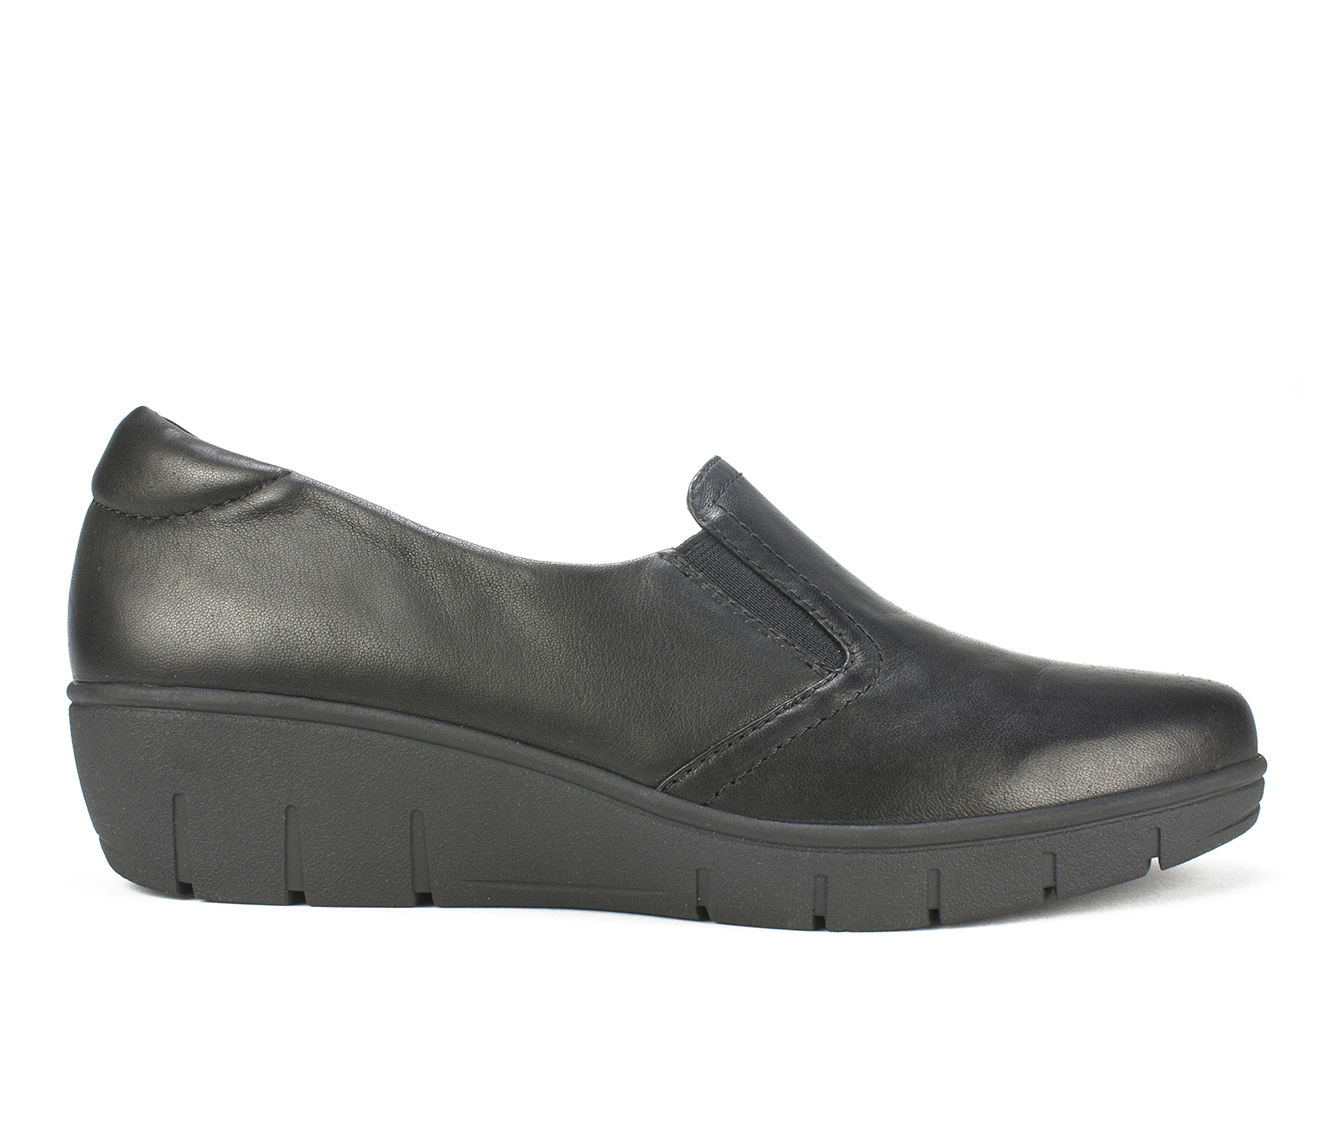 Cliffs Ella Women's Shoe (Black Leather)